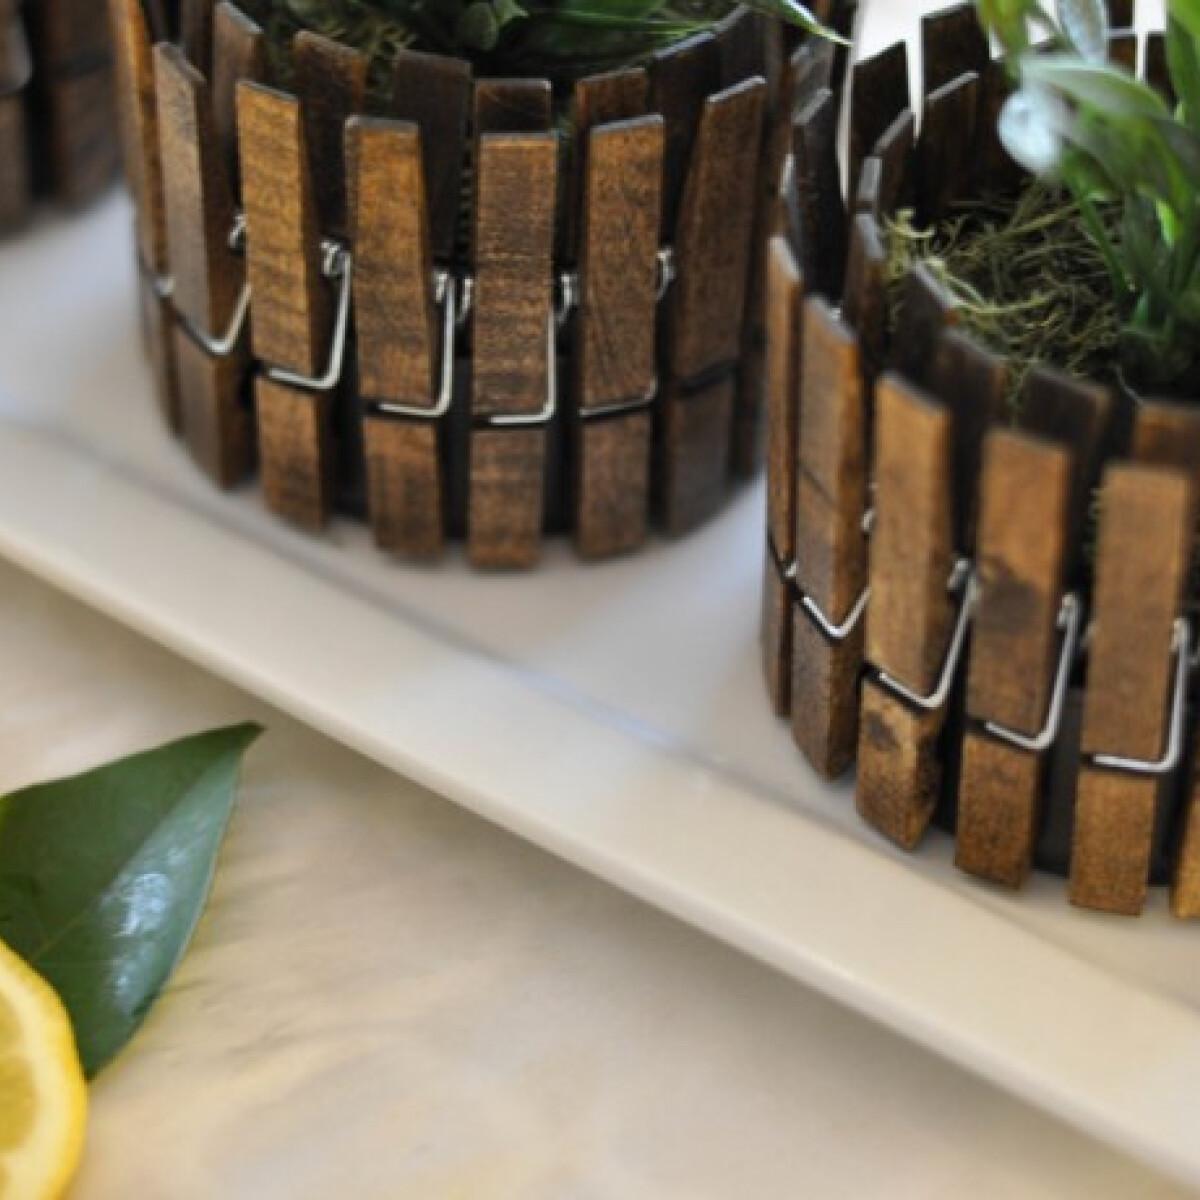 Legyen konzervből fűszernövénykaspód